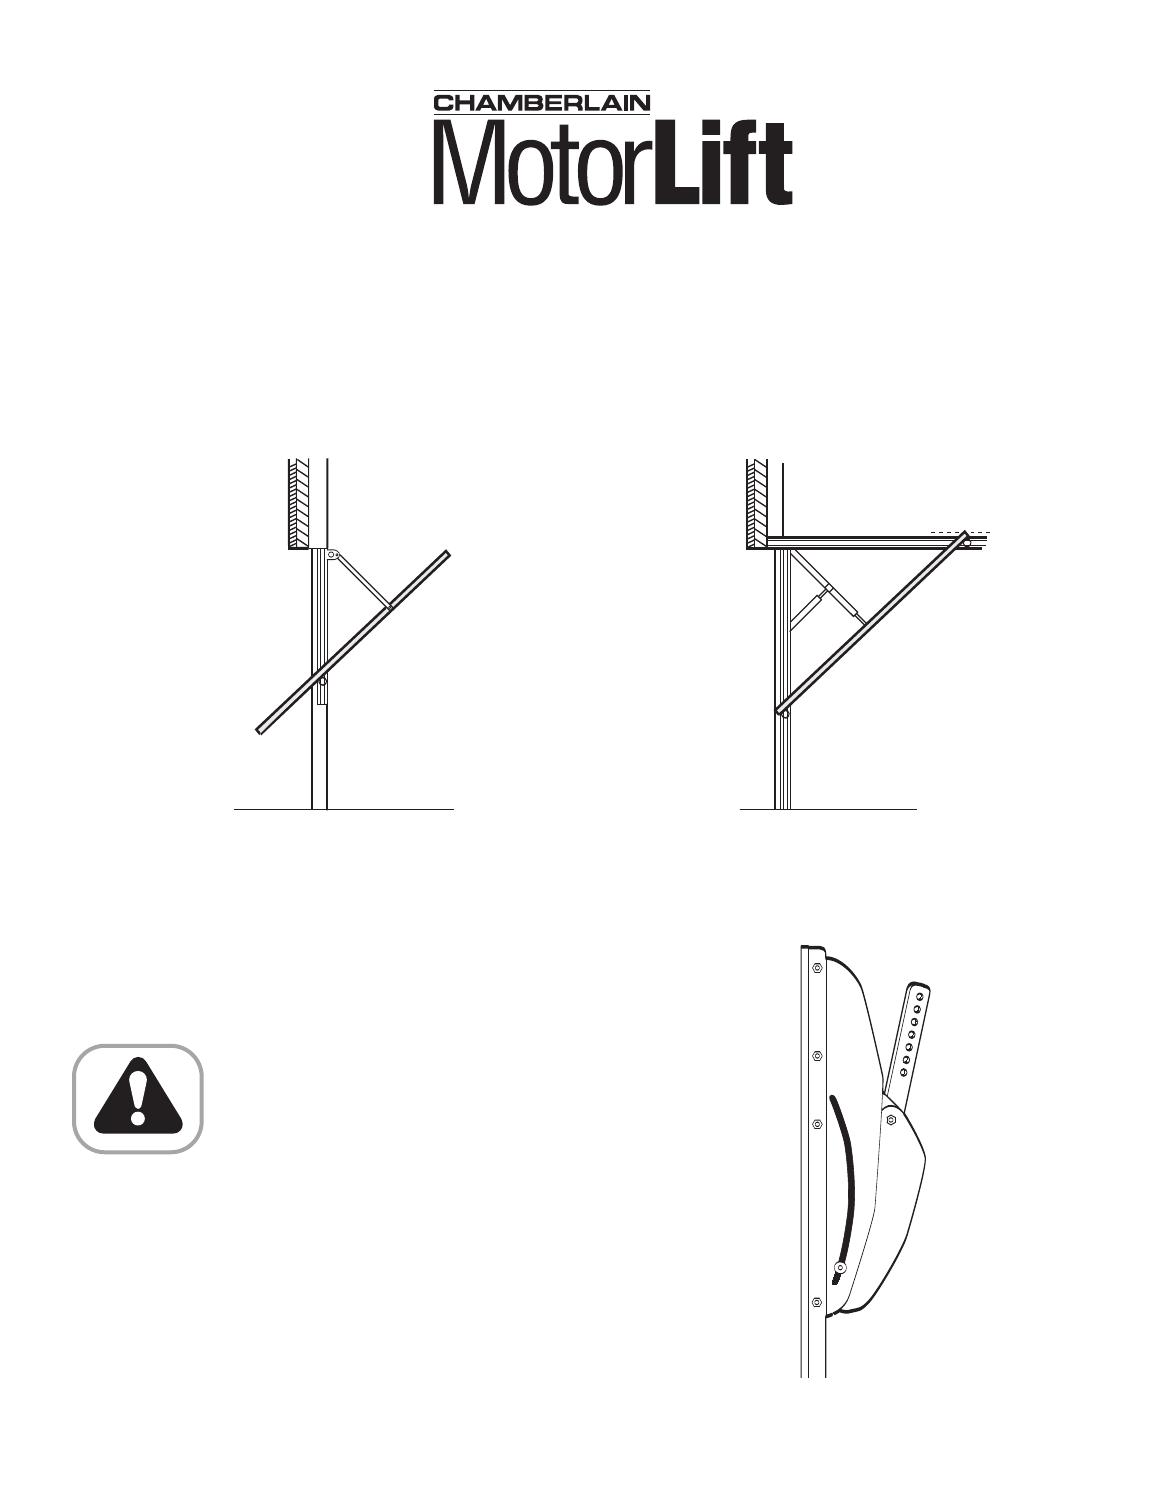 Chamberlain Garage Door Opener Eml User Guide